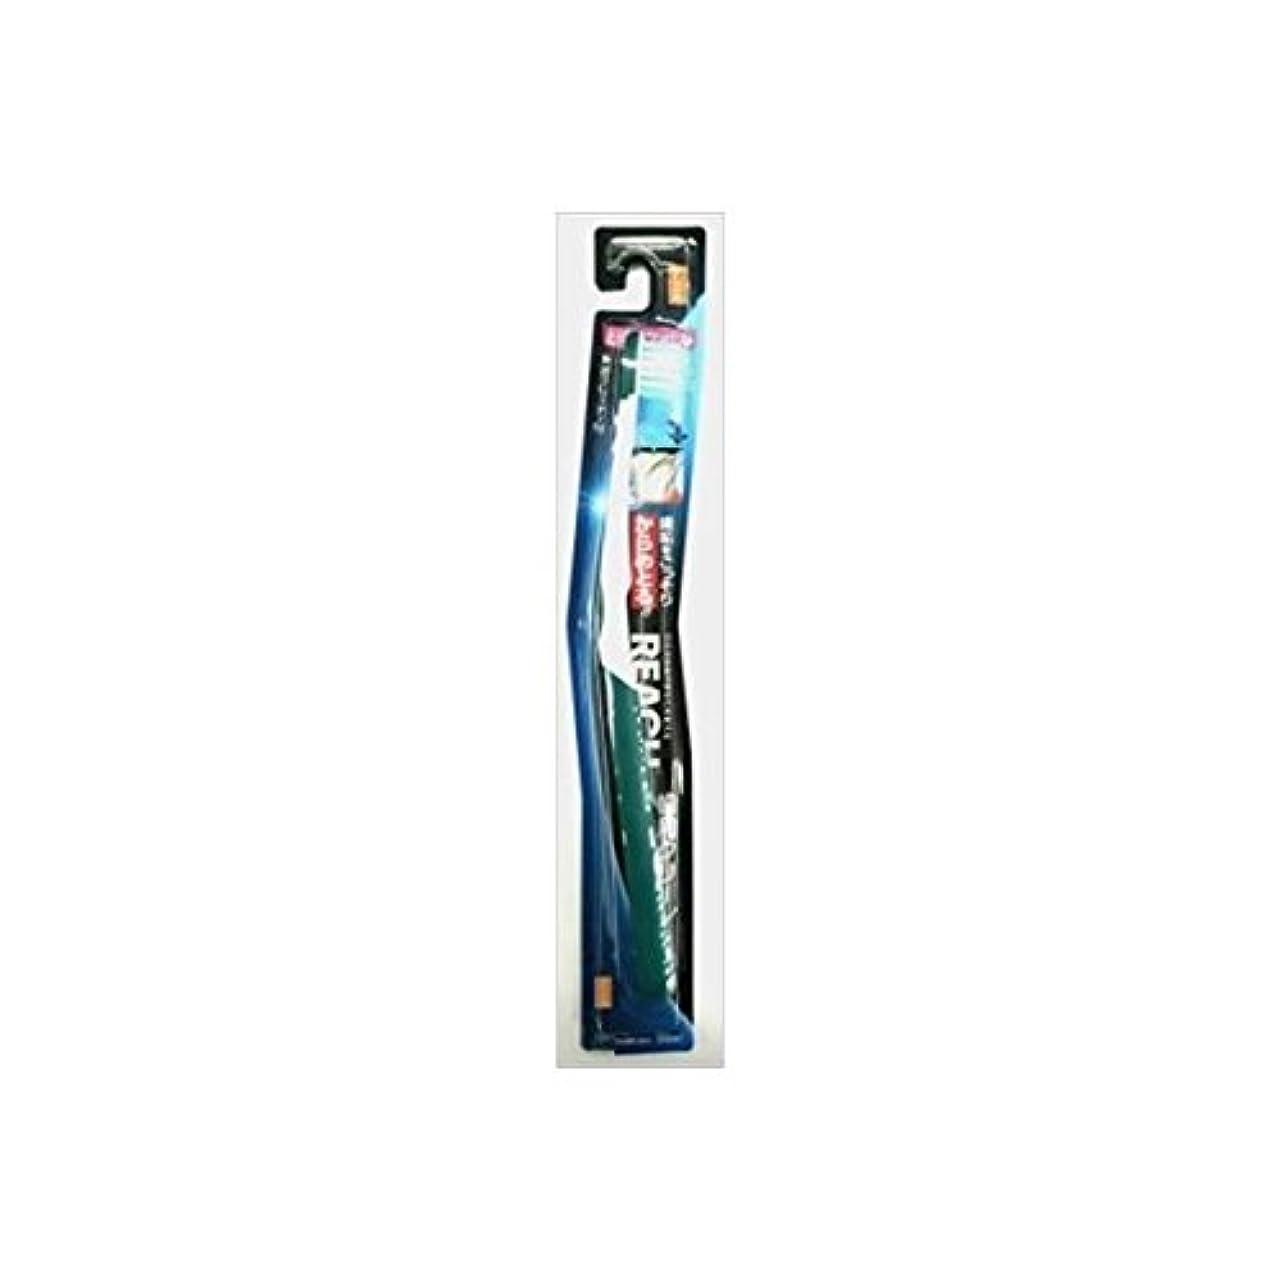 手書きかなりの代わりにを立てる銀座ステファニー リーチ 歯周クリーン とってもコンパクト やわらかめ × 5 点セット ds-2001351